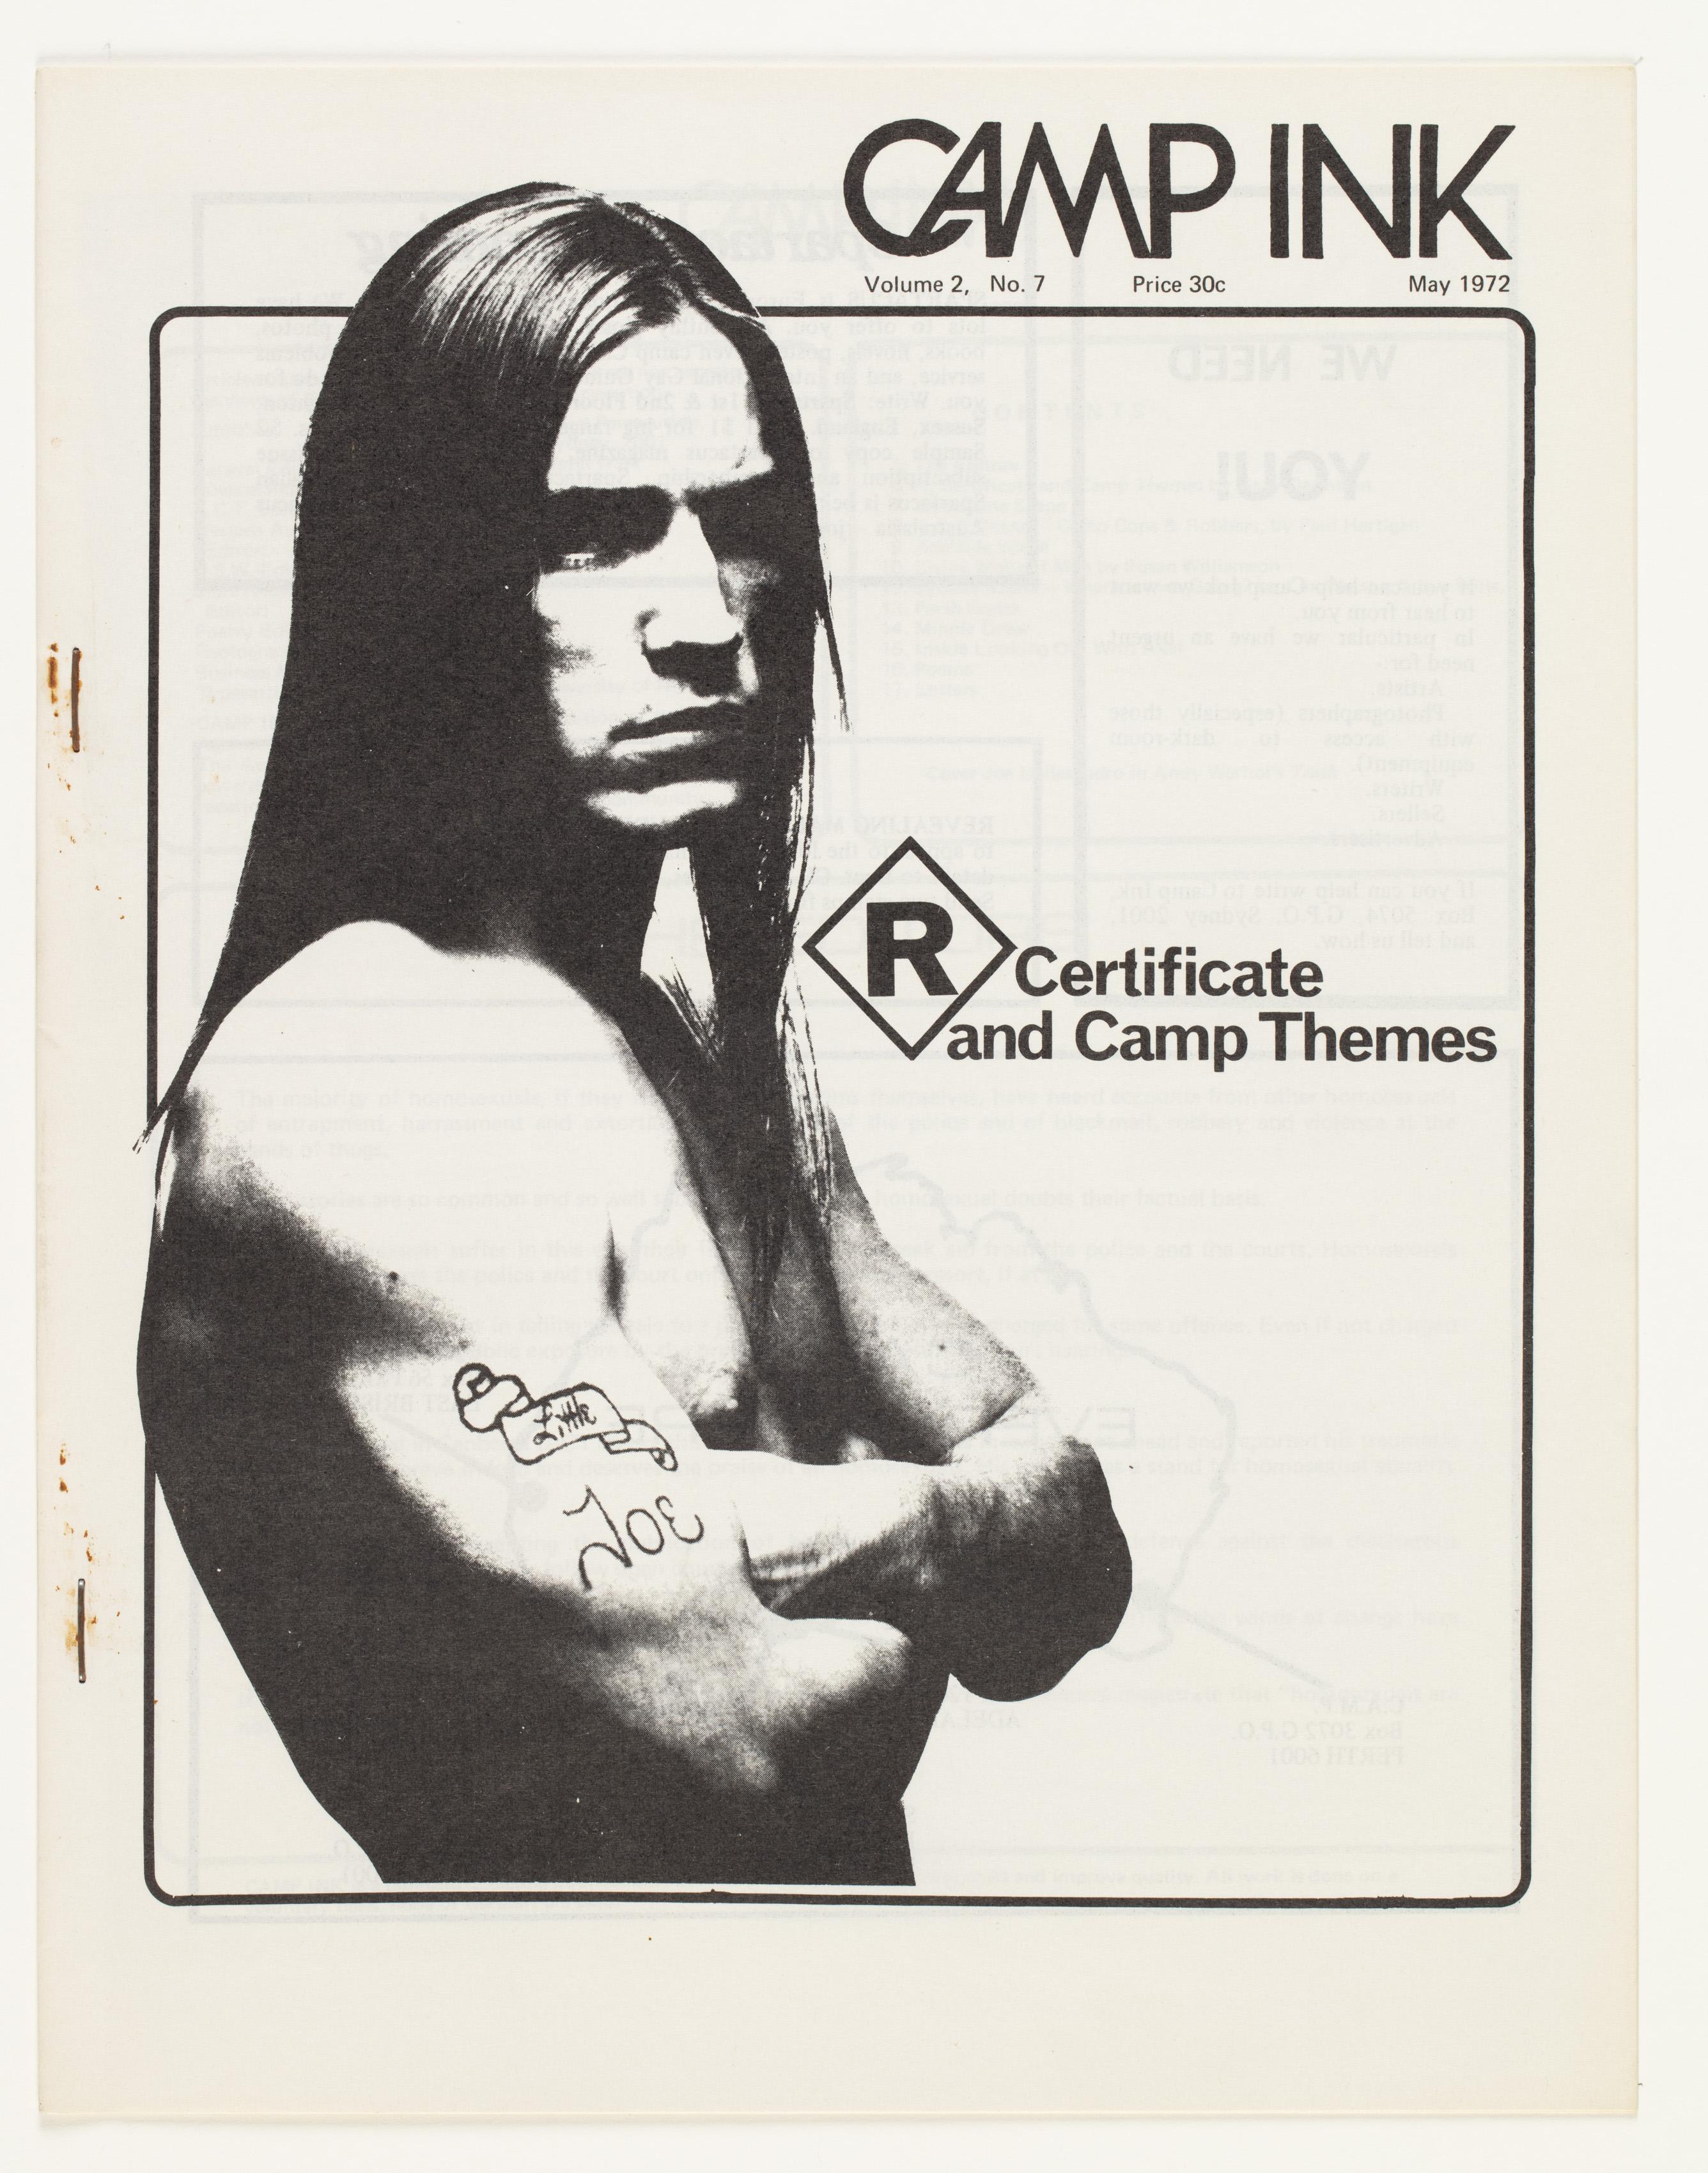 Camp Ink. Vol. 2, No.7 (May 1972)